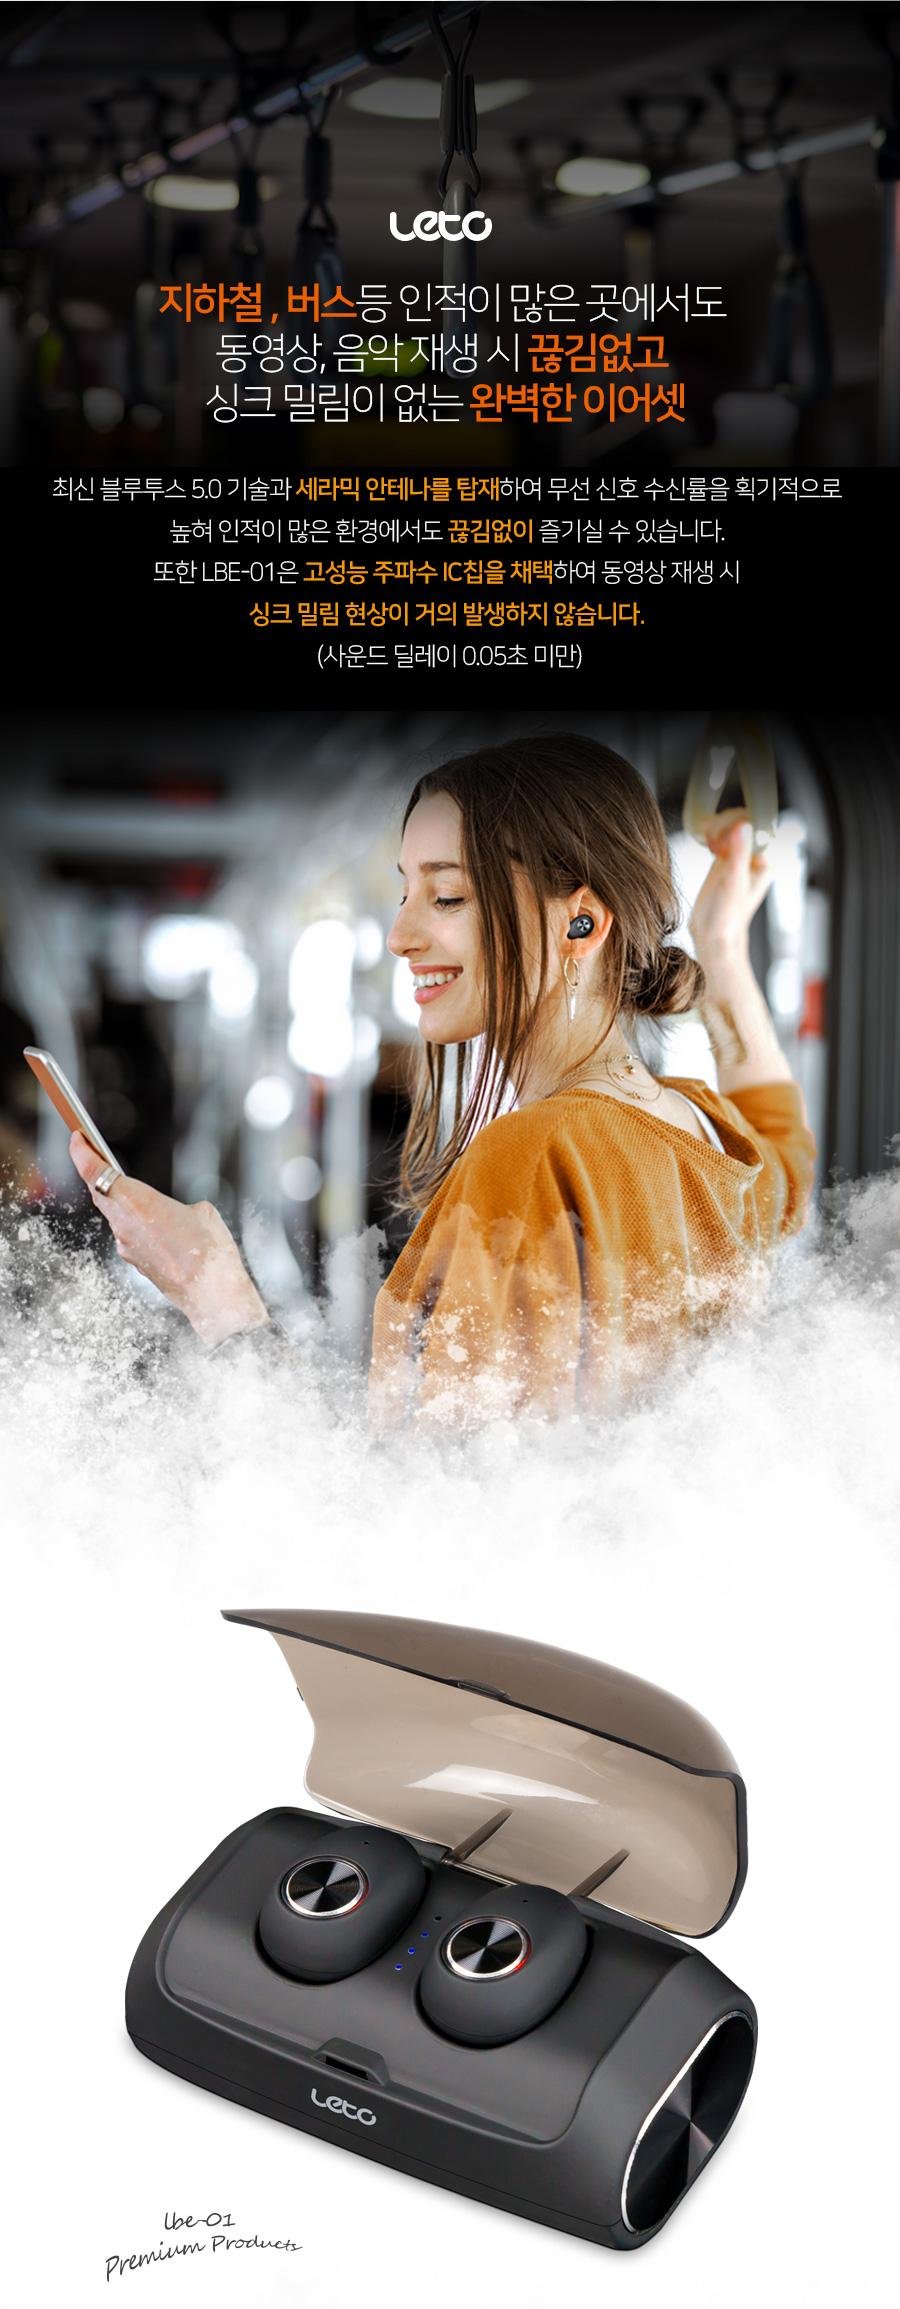 레토 끊김없는 고음질 블루투스이어폰v5.0 최대 132시간 재생 LBE-01 - 레토, 87,900원, 이어폰, 블루투스 이어폰